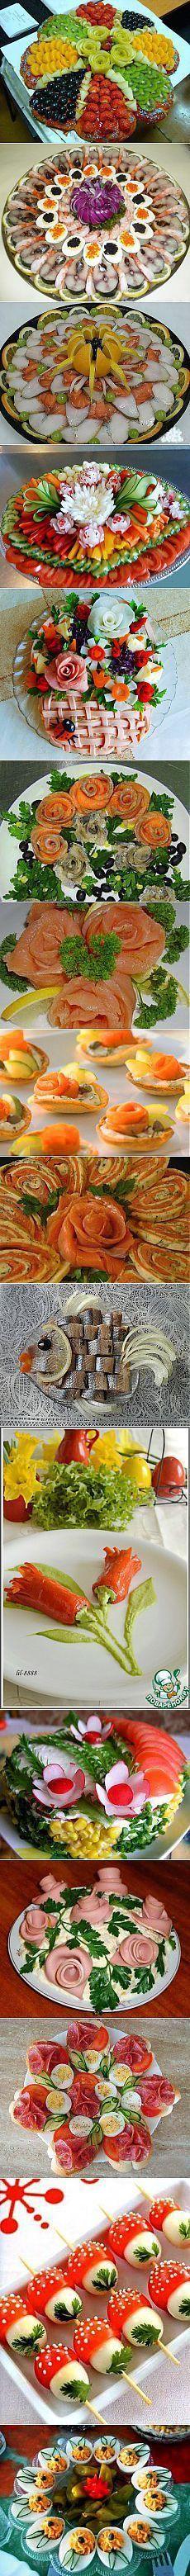 Украшенния блюд | Фотографии и советы на Постиле